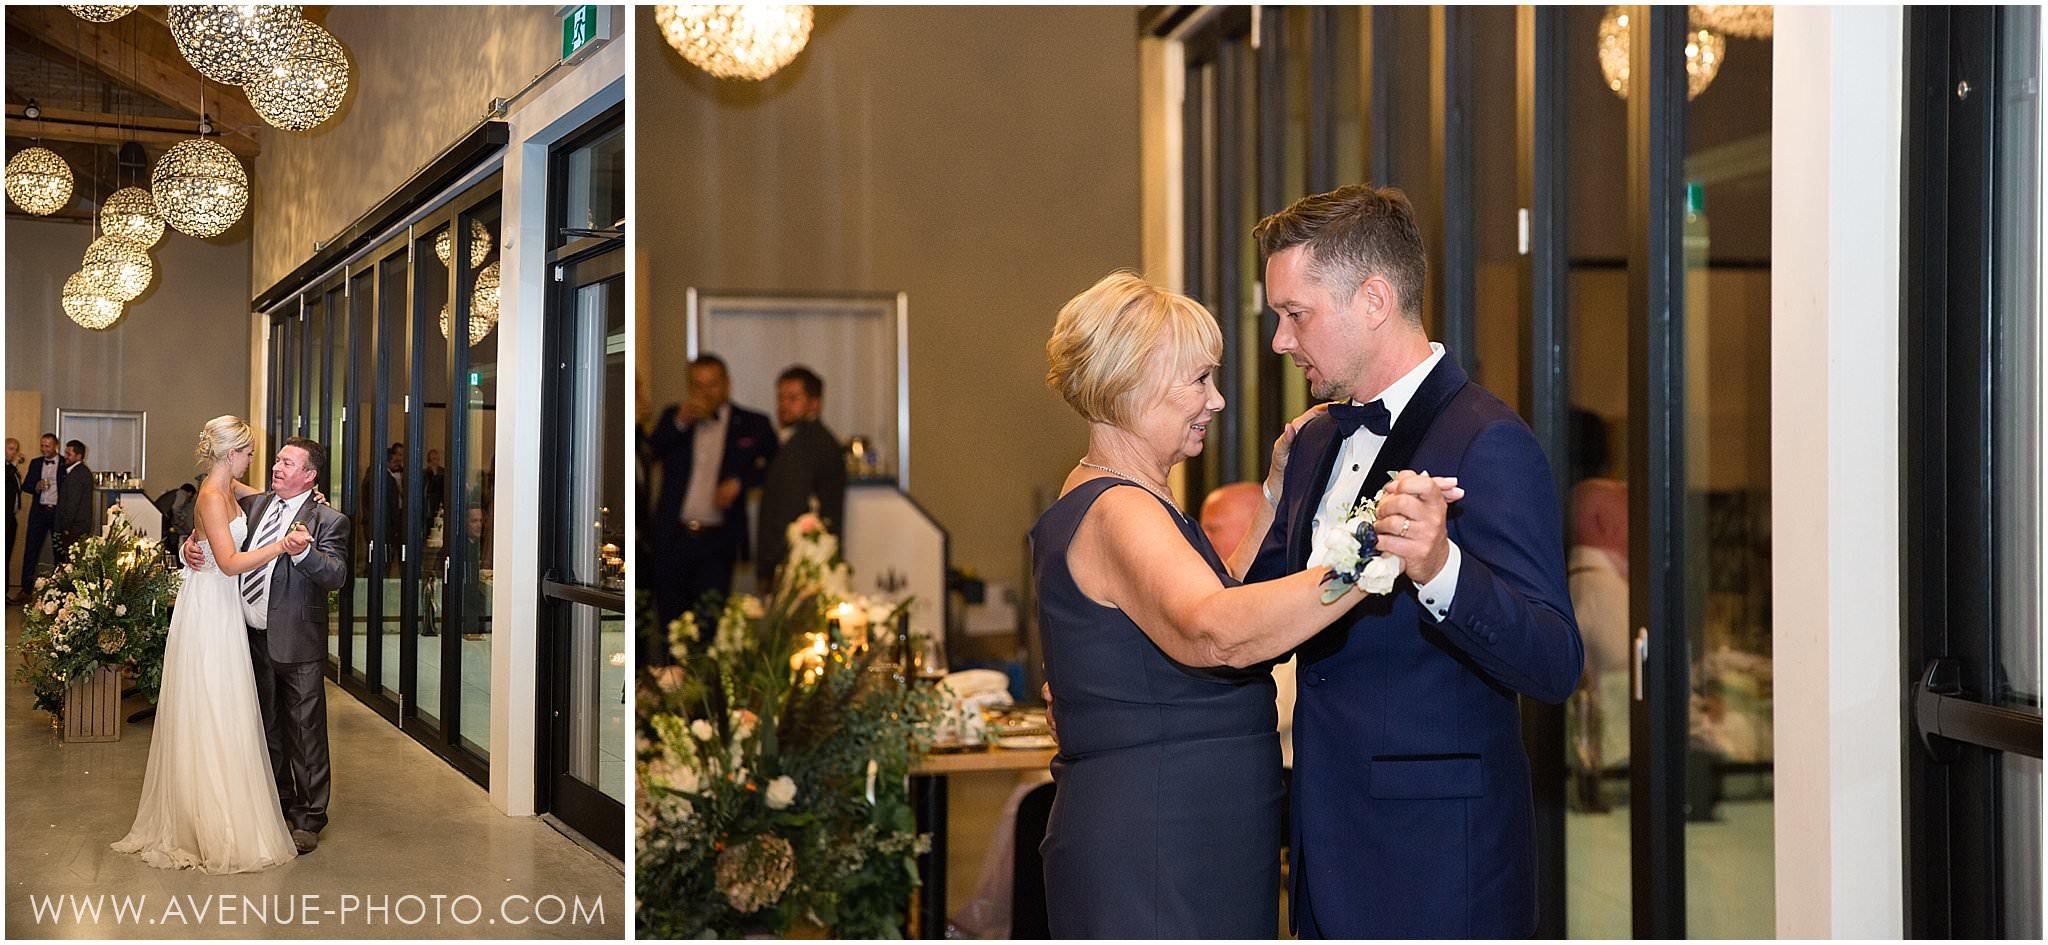 Adamo Estate Winery Wedding Photos, Hockley Valley Wedding Photos, Orangeville Wedding Photos, Vineyard Wedding, Avenue Photo